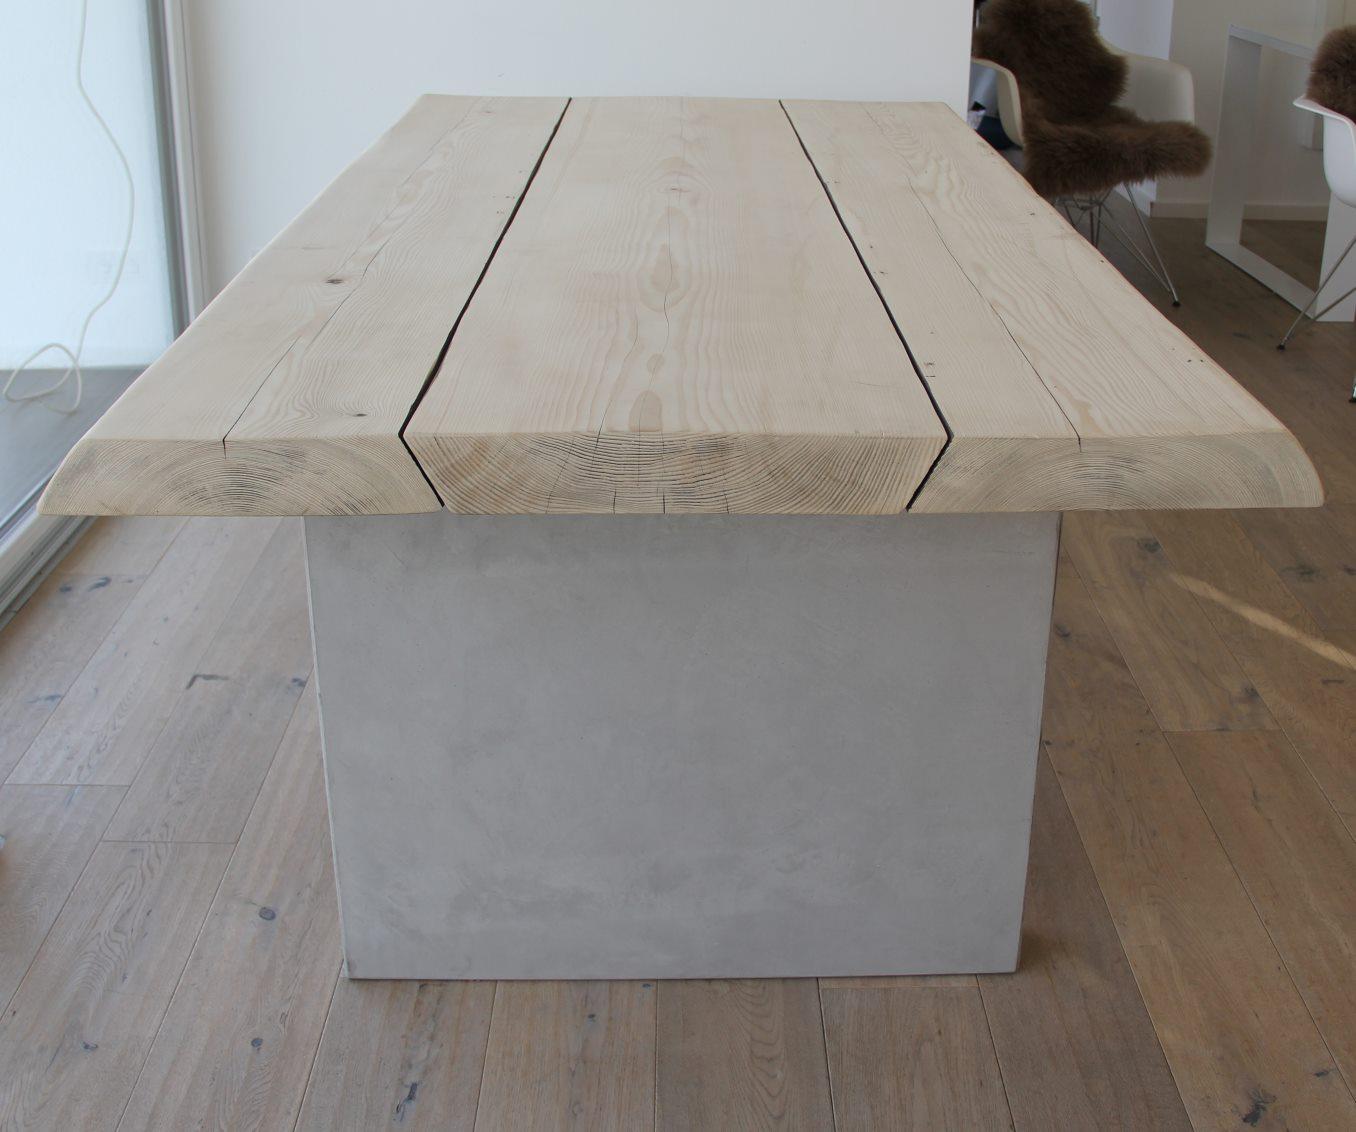 mainTisch-Beton-Tisch-Betontisch-massTisch-Schreibtisch-Esstisch-Kiefer Holz 2